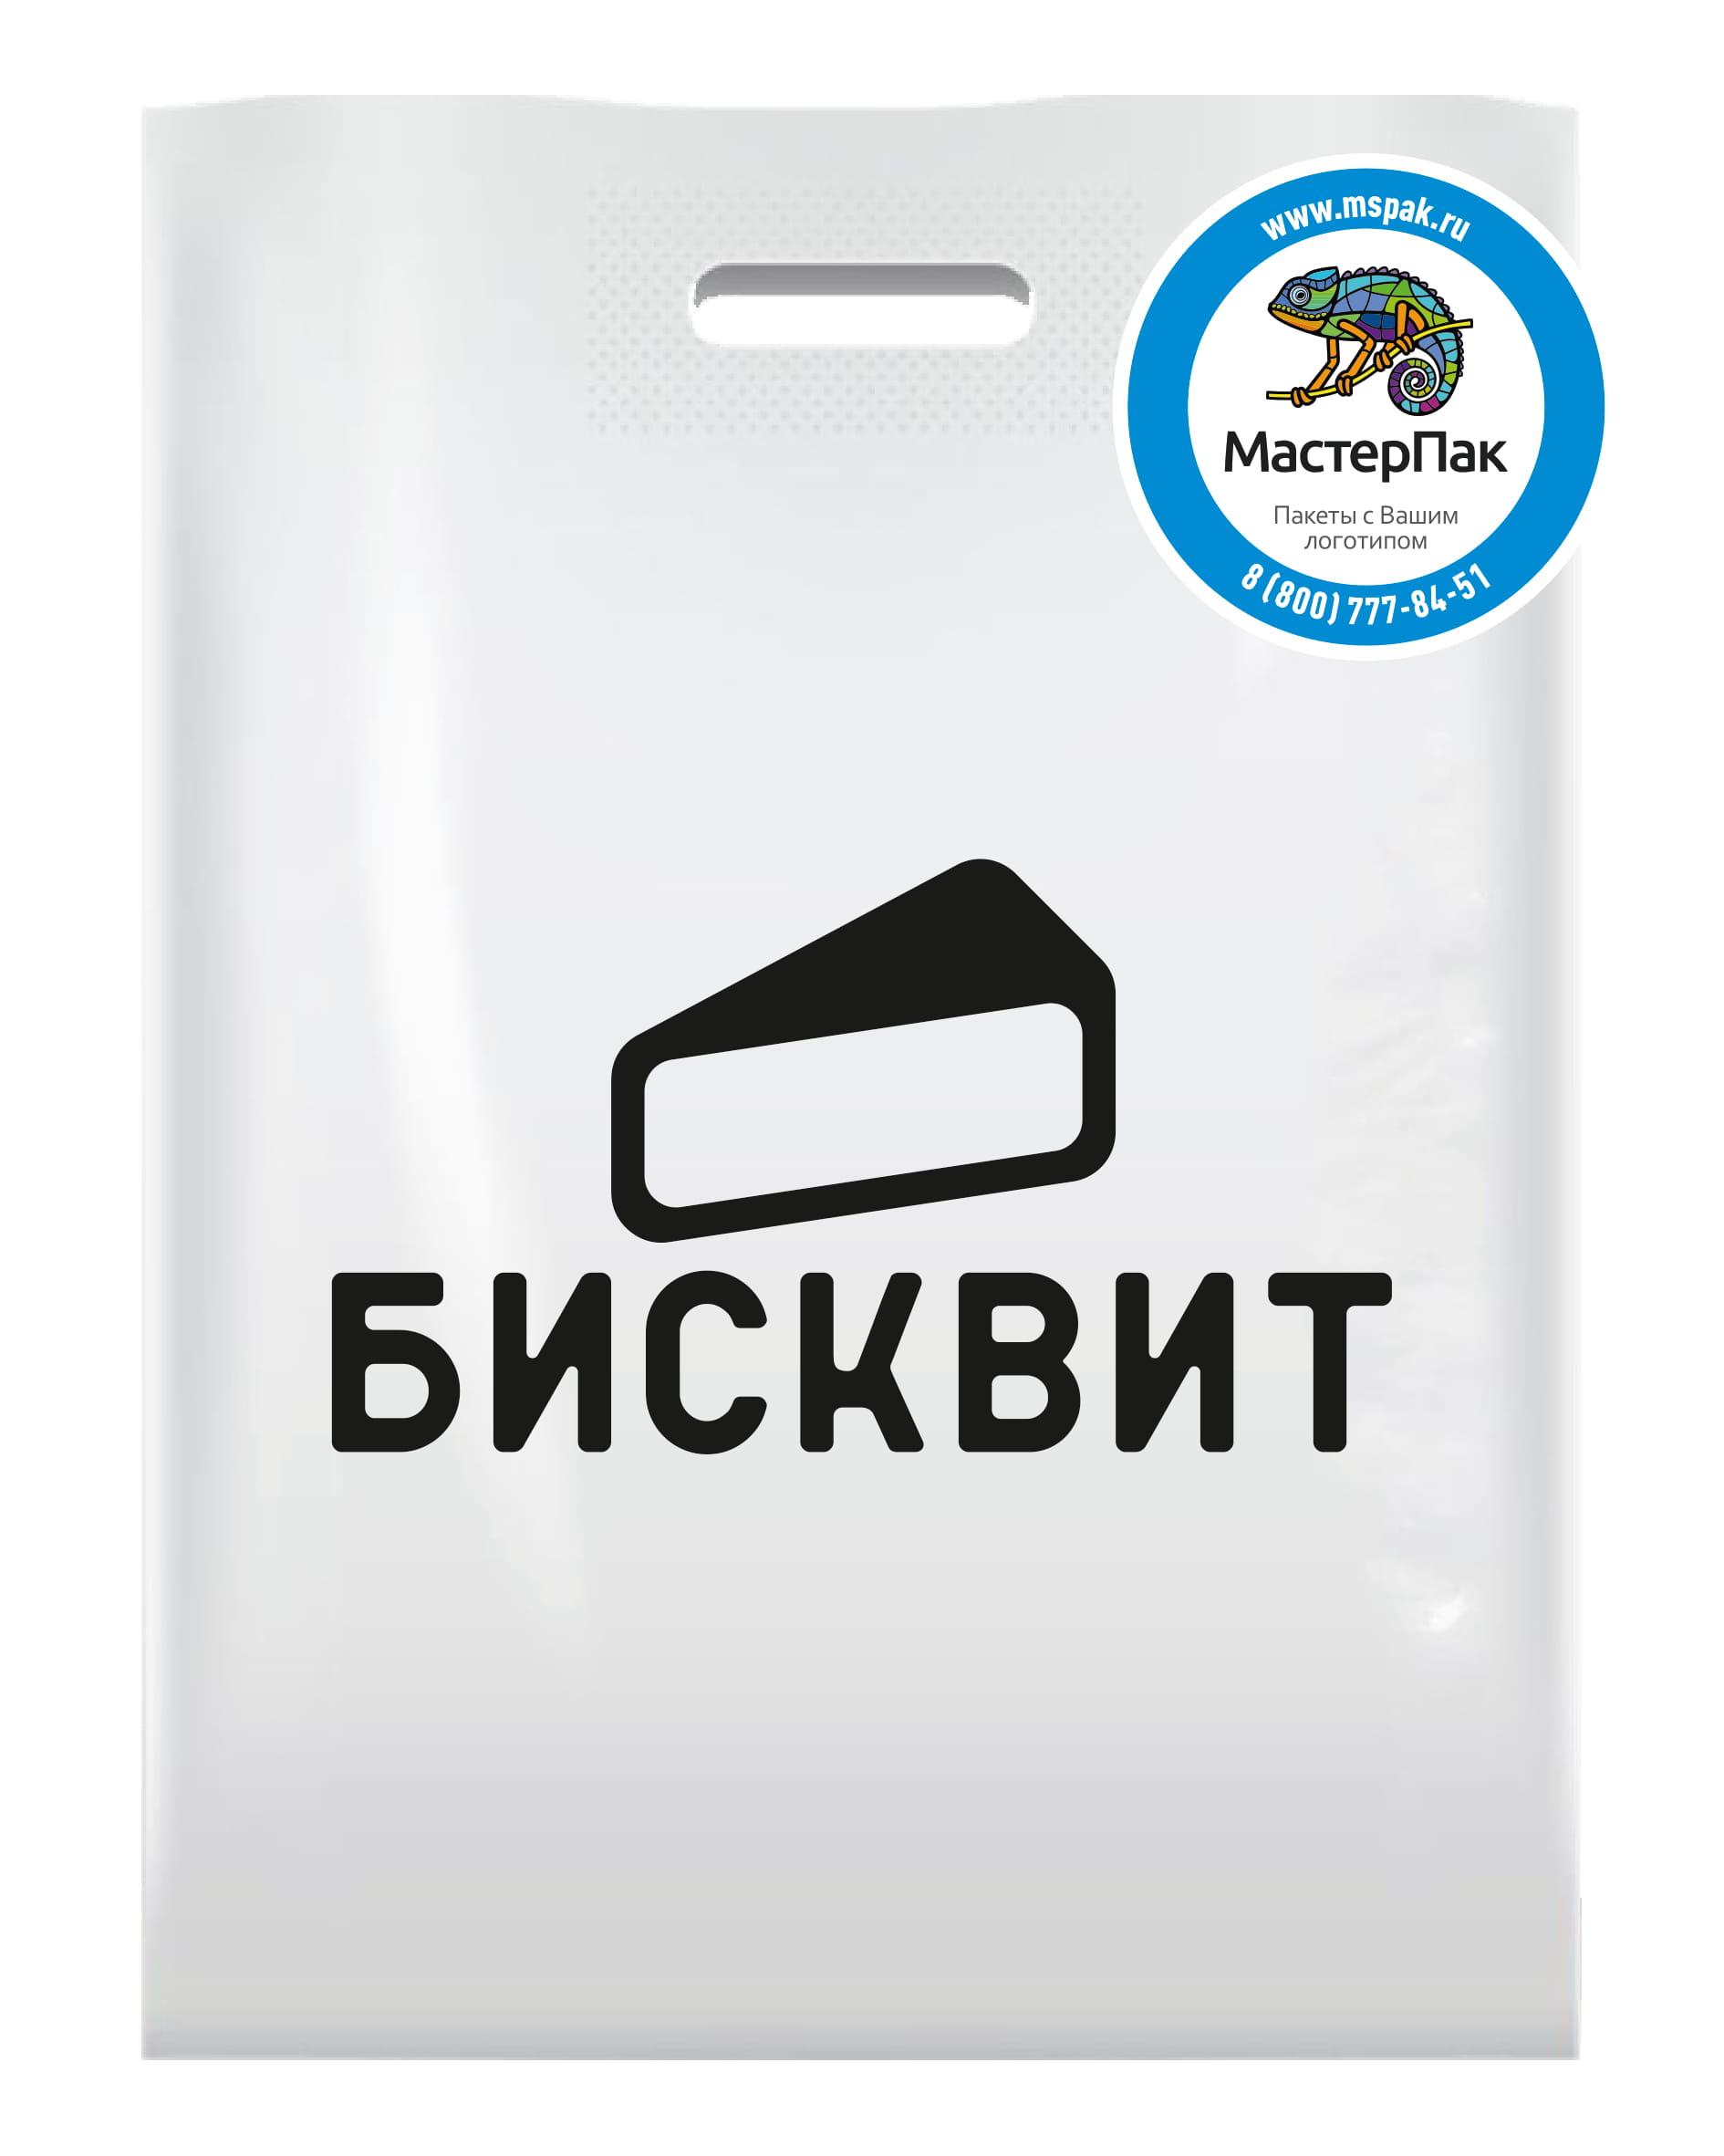 Пакет ПВД с логотипом кондитерской Бисквит, Спб, 70 мкм, 30*40 см, белый